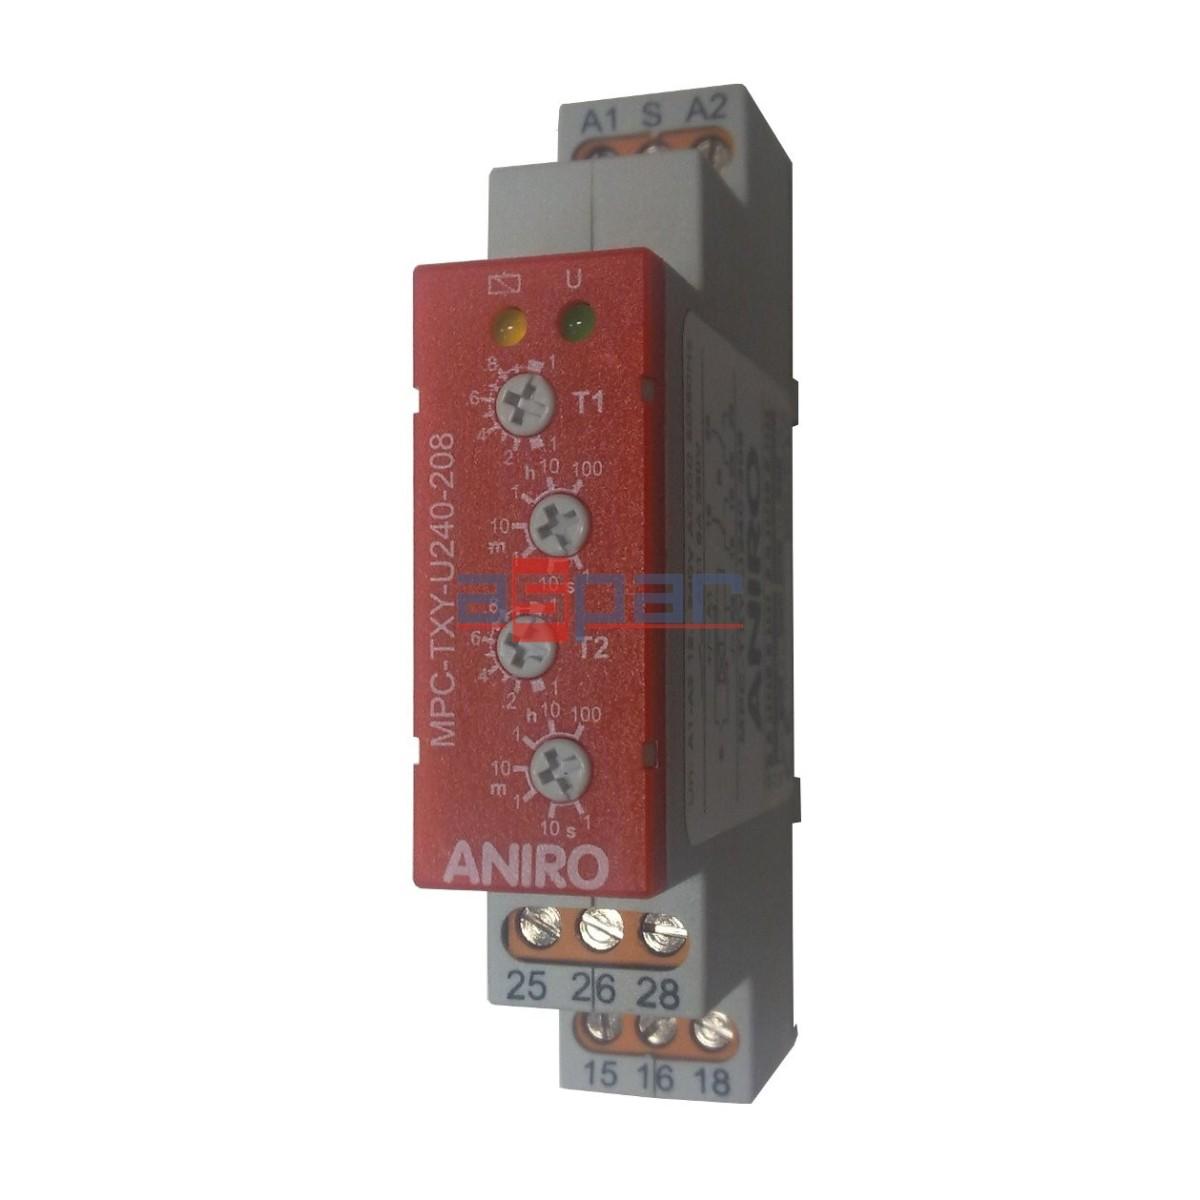 MPC-TXY-U240-208 - 1-funkcja